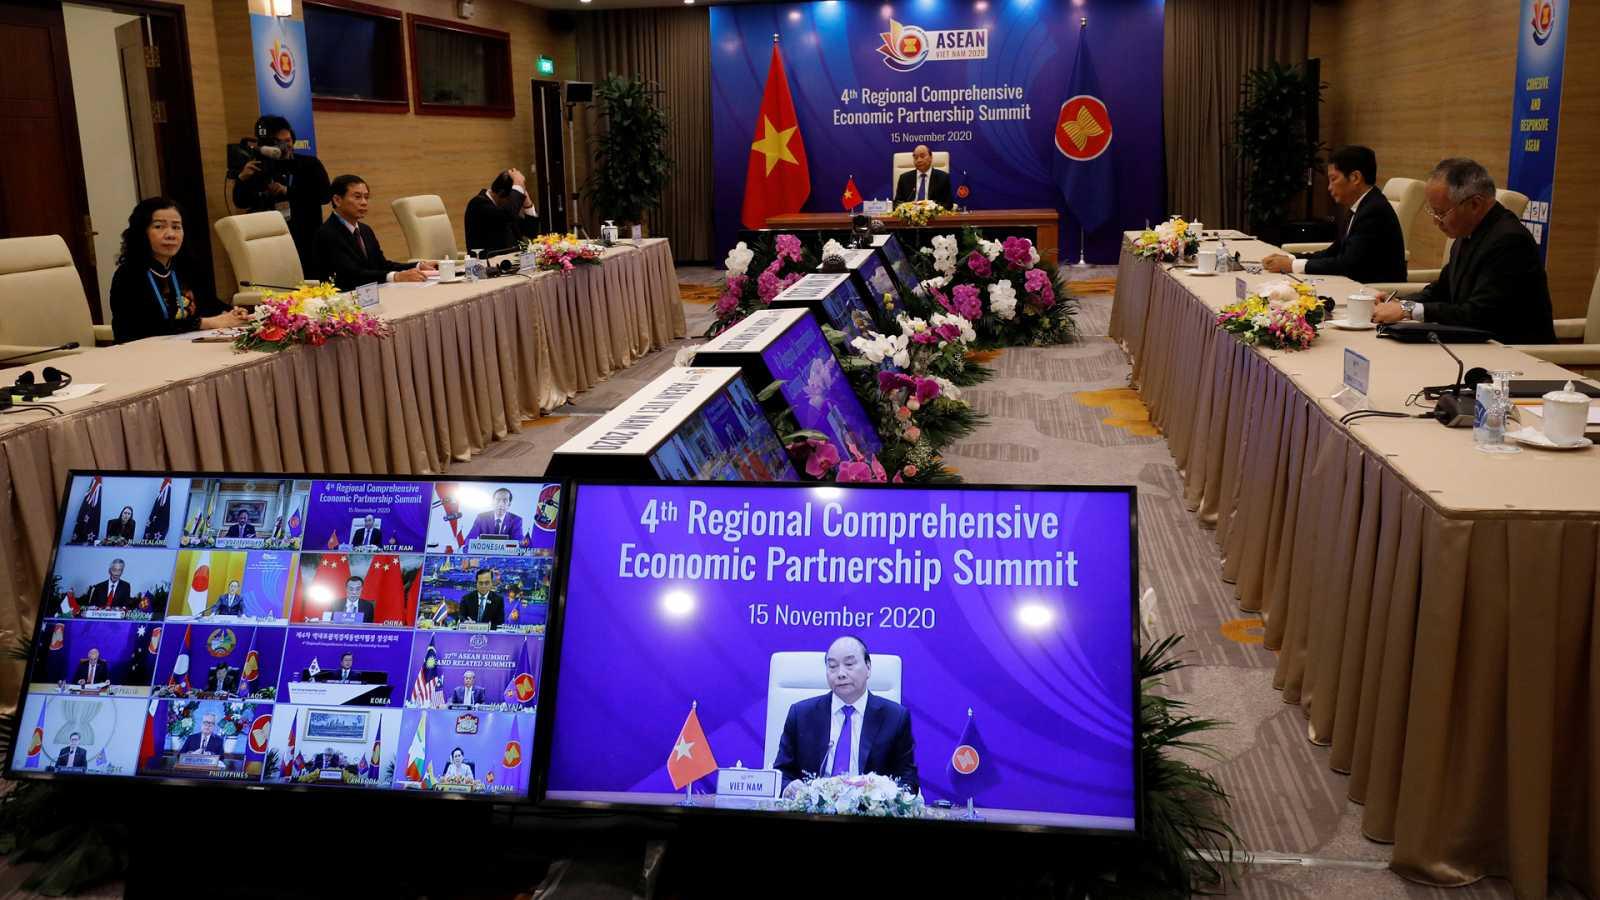 Aasia hoy - Claves de la Asociación Económica Integral Regional (RCEP) - 17/11/20 - escuchar ahora